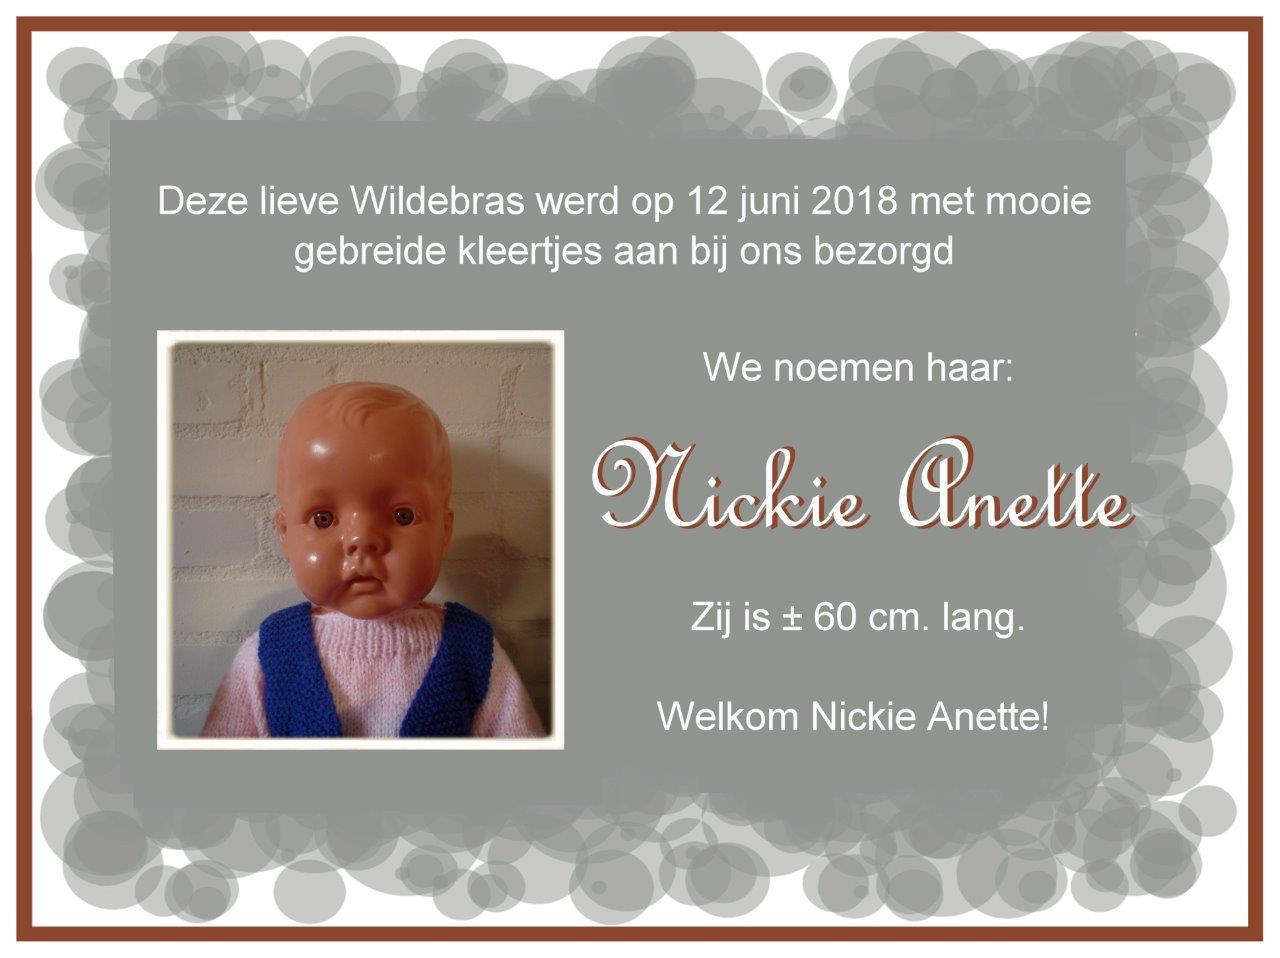 https://welkepopisdat.nl/afbeeldingen-Forum/DurvinaFotos/Kaartje%20Nickie%20Anette%20.jpg